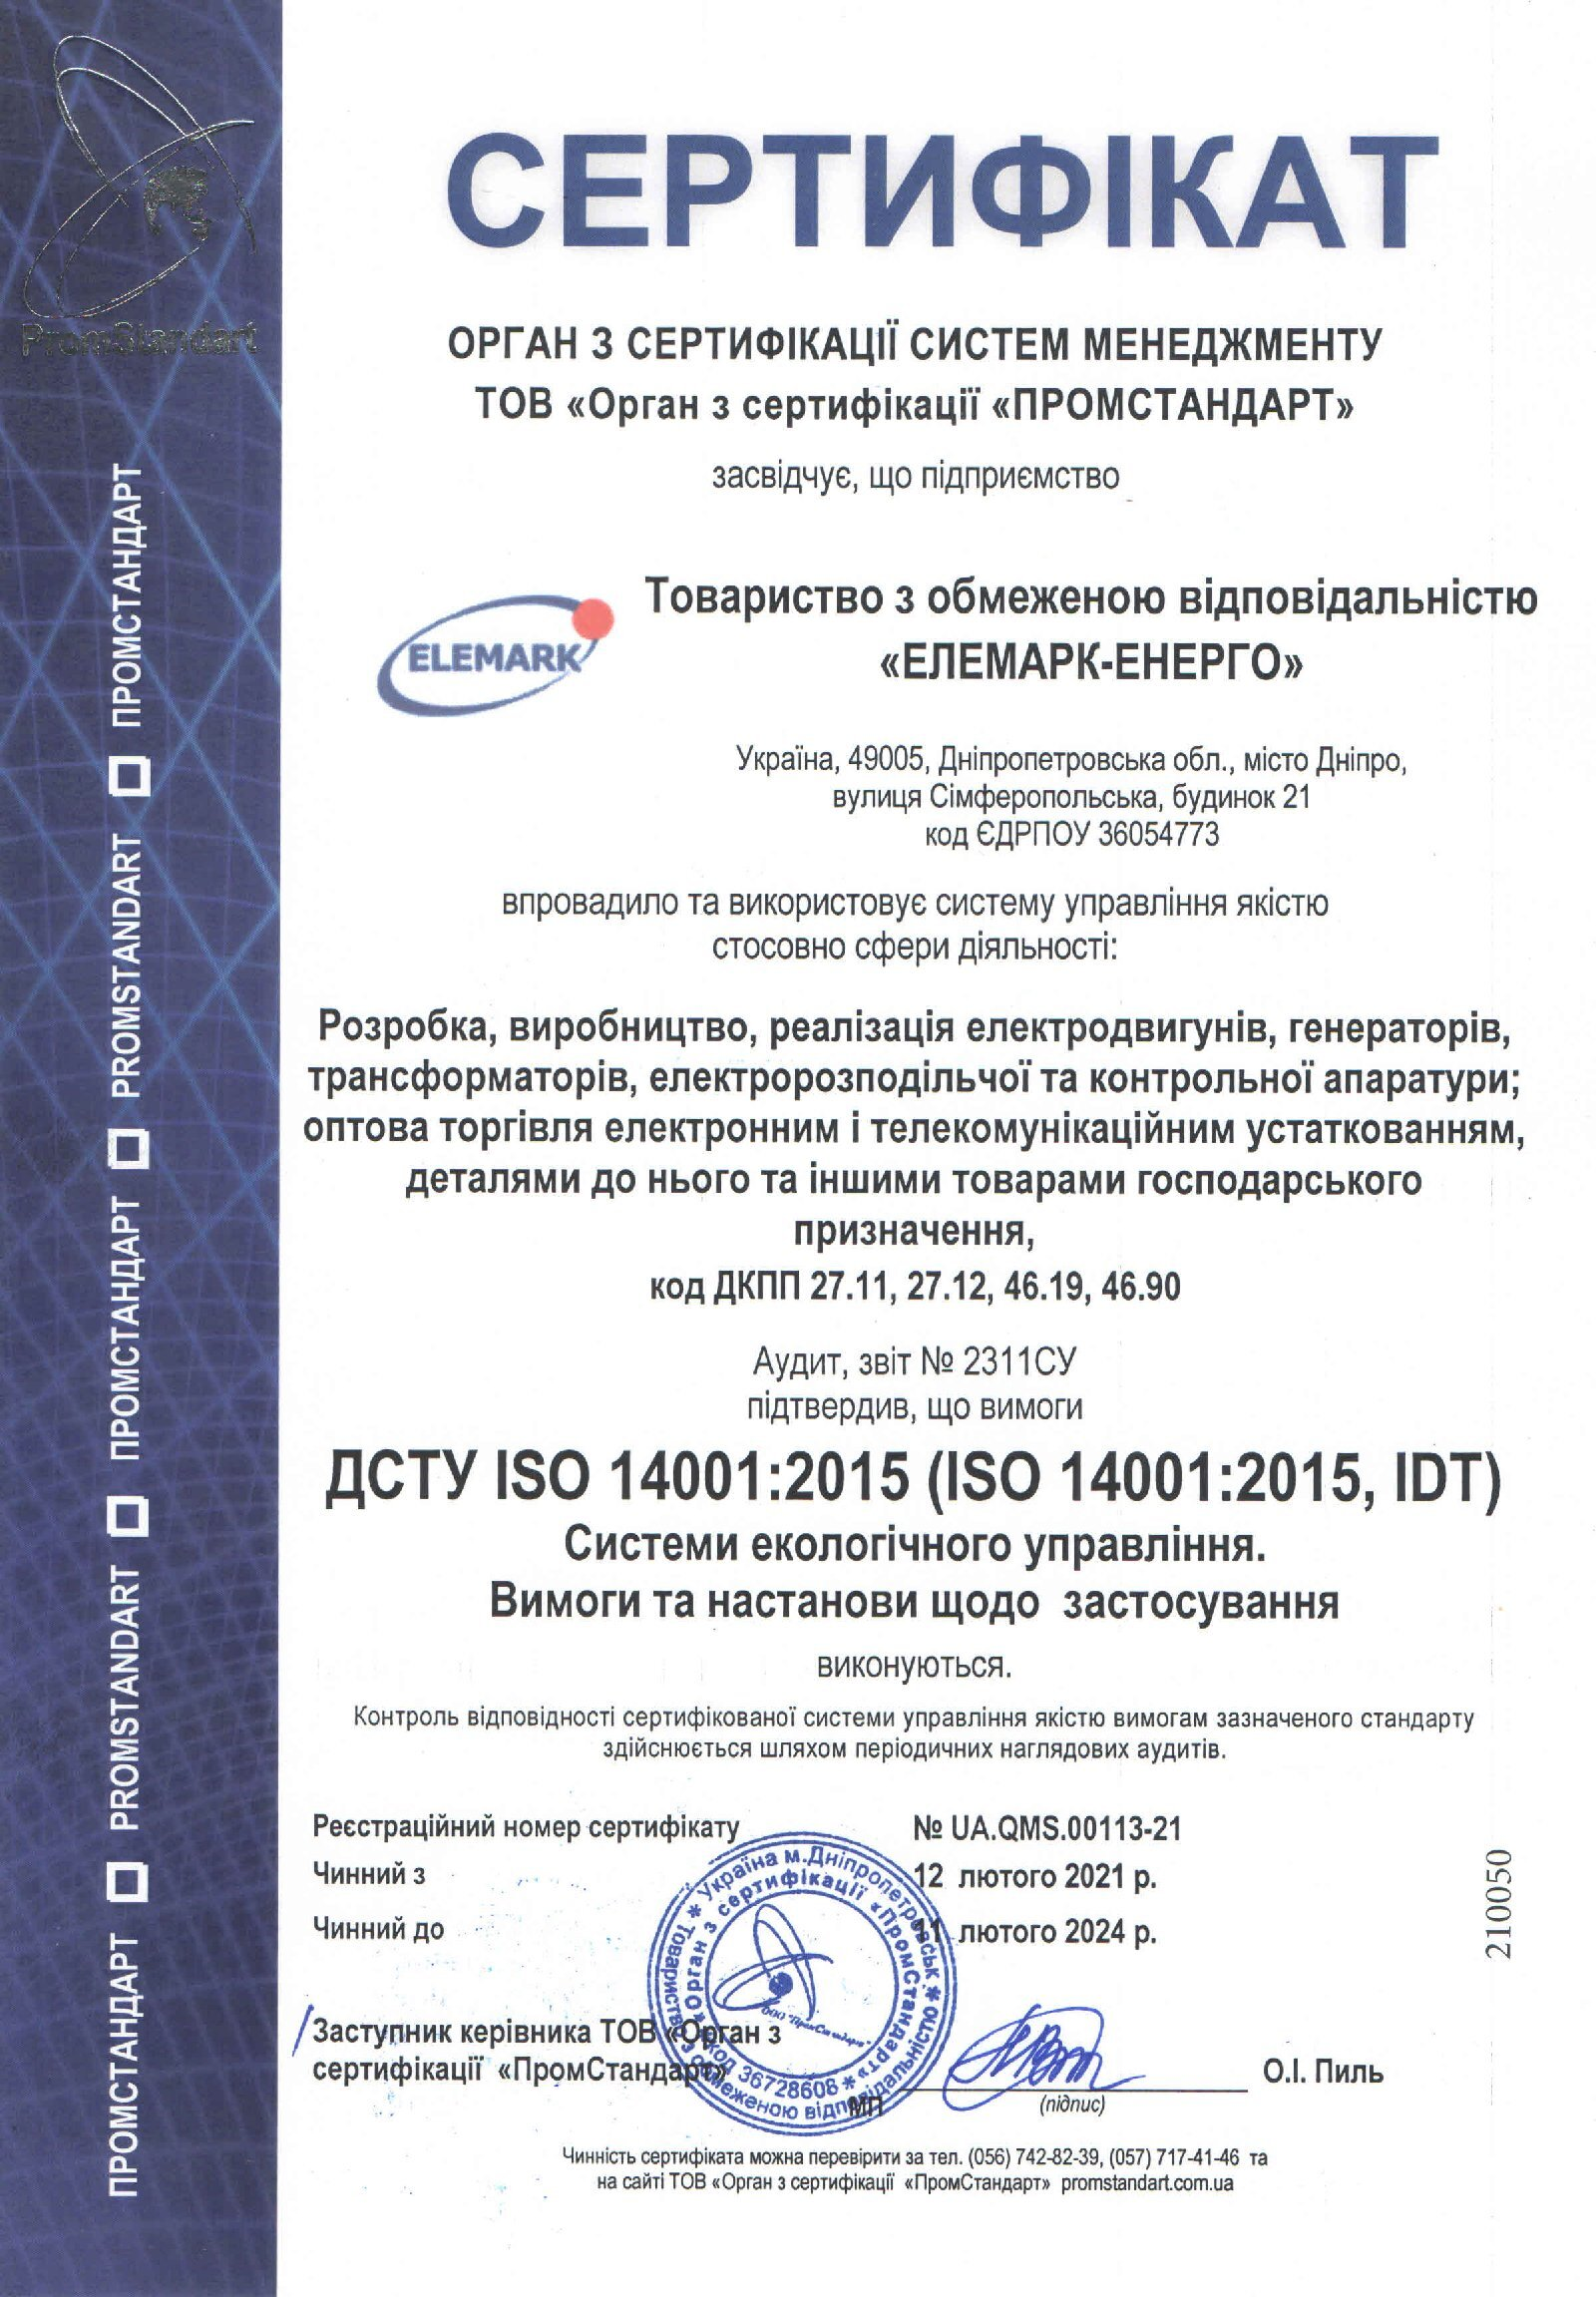 СЕРТИФІКАТ - 14001